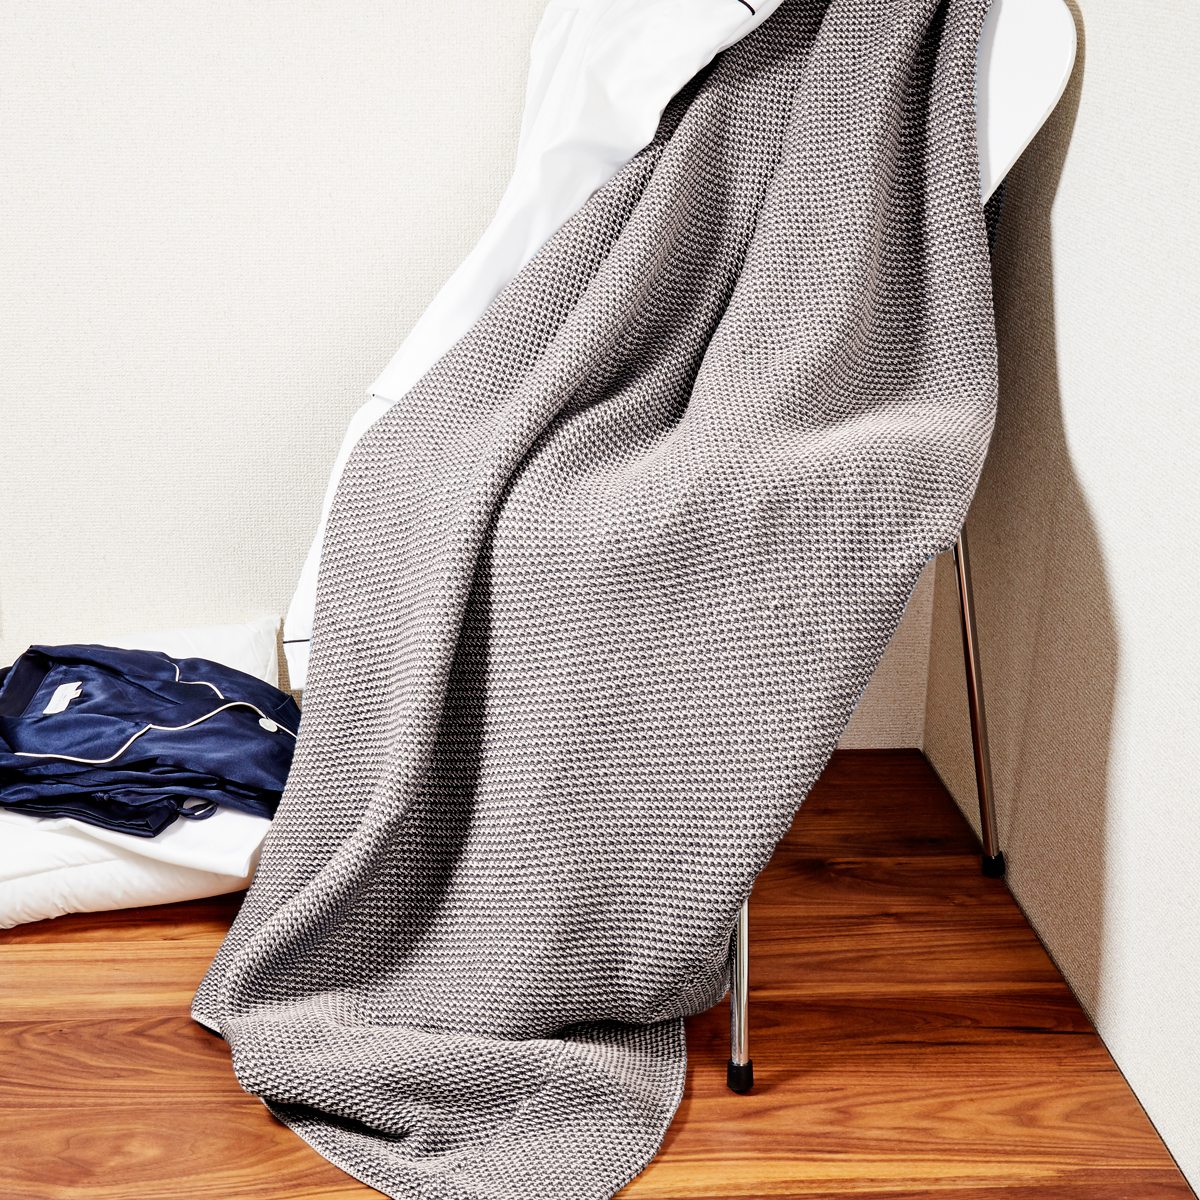 「熟睡」を追求したタオルケット|《シングルケット》凹凸状のハニカム織りが、汗と湿気を逃がすケット|ハニカムケット